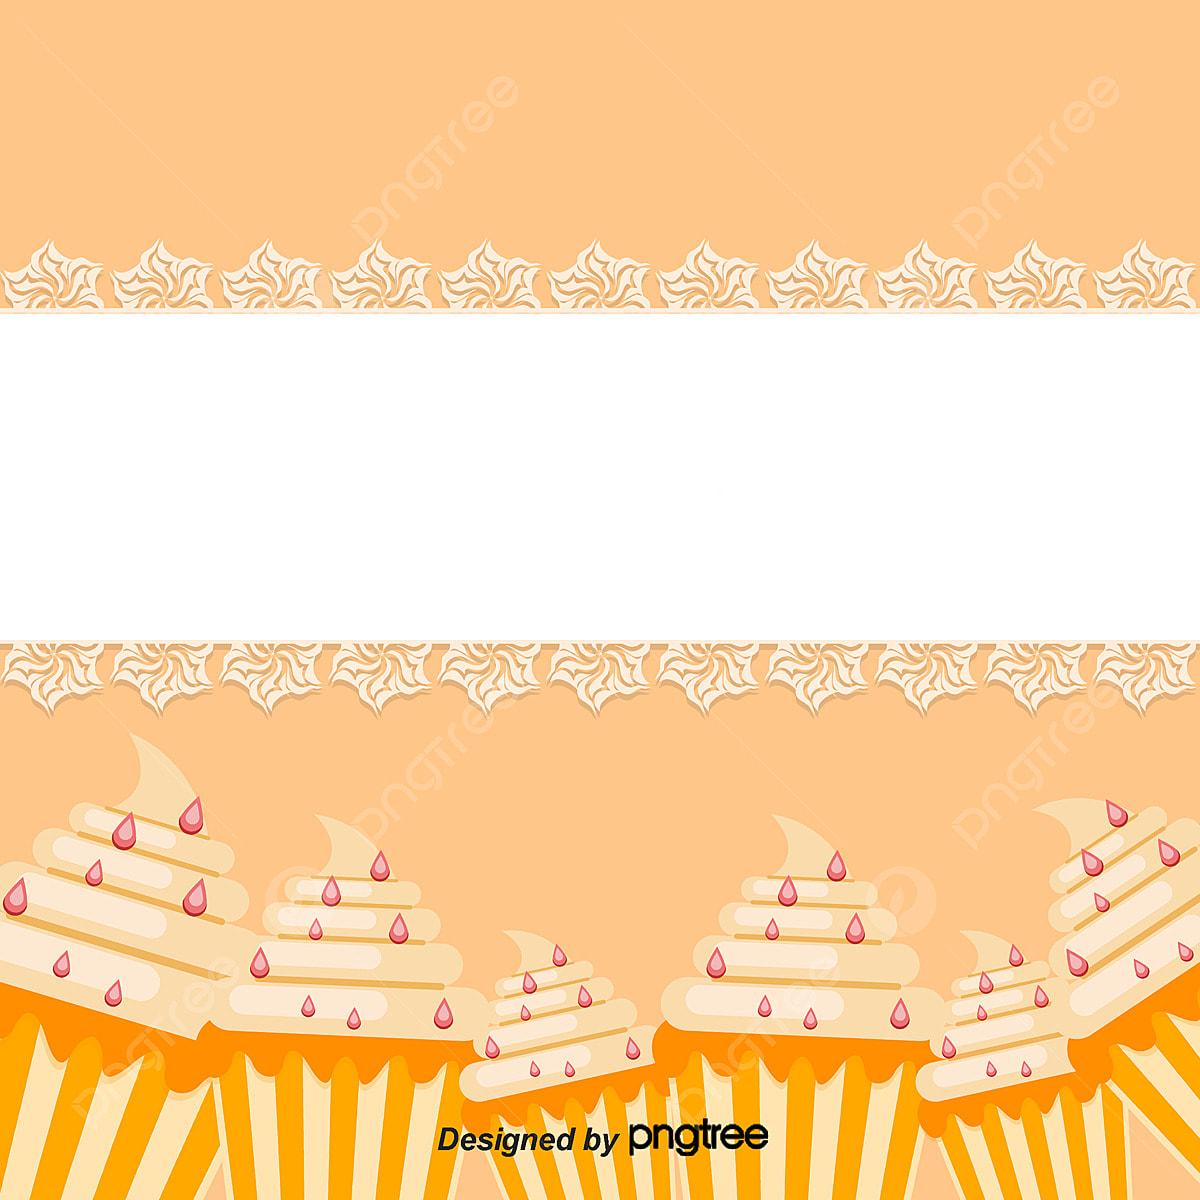 誕生日にはお誕生日にイラストを飾り ベクトル 賀状賀状イラスト素材